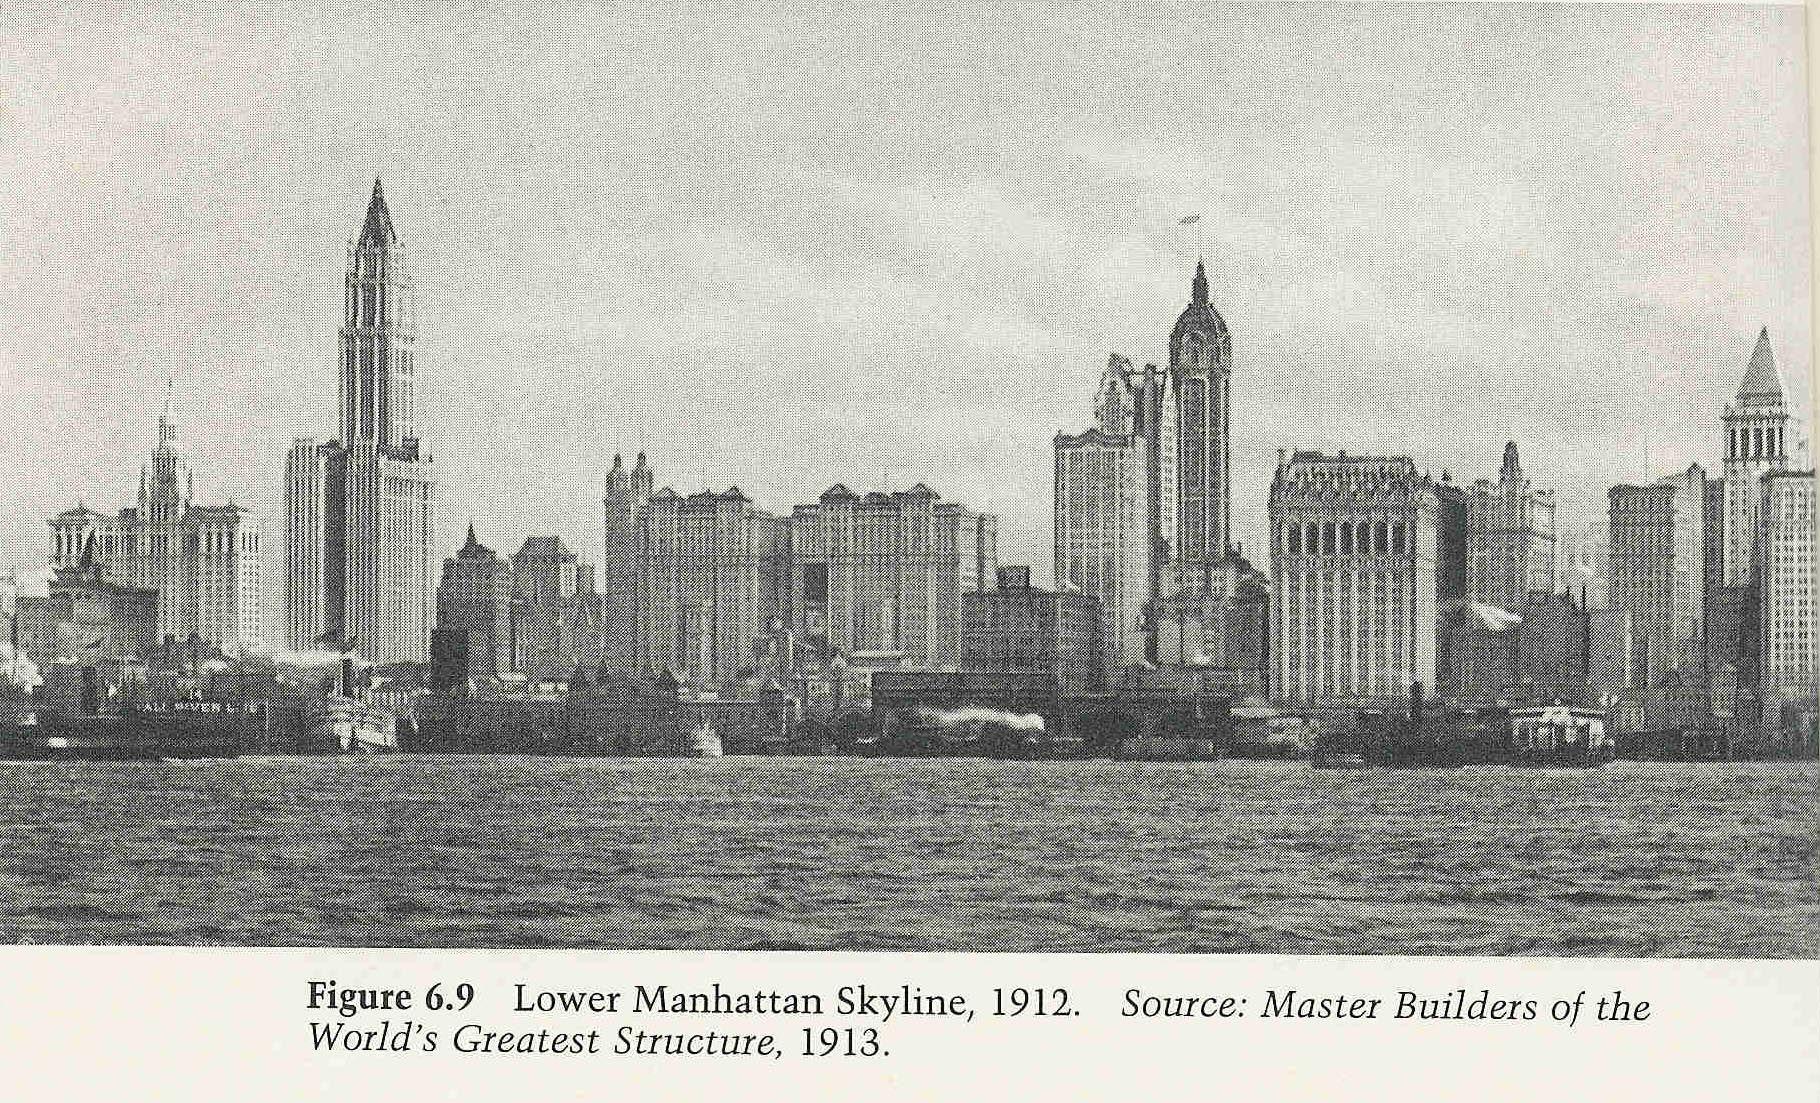 Lower Manhattan Skyline 1912